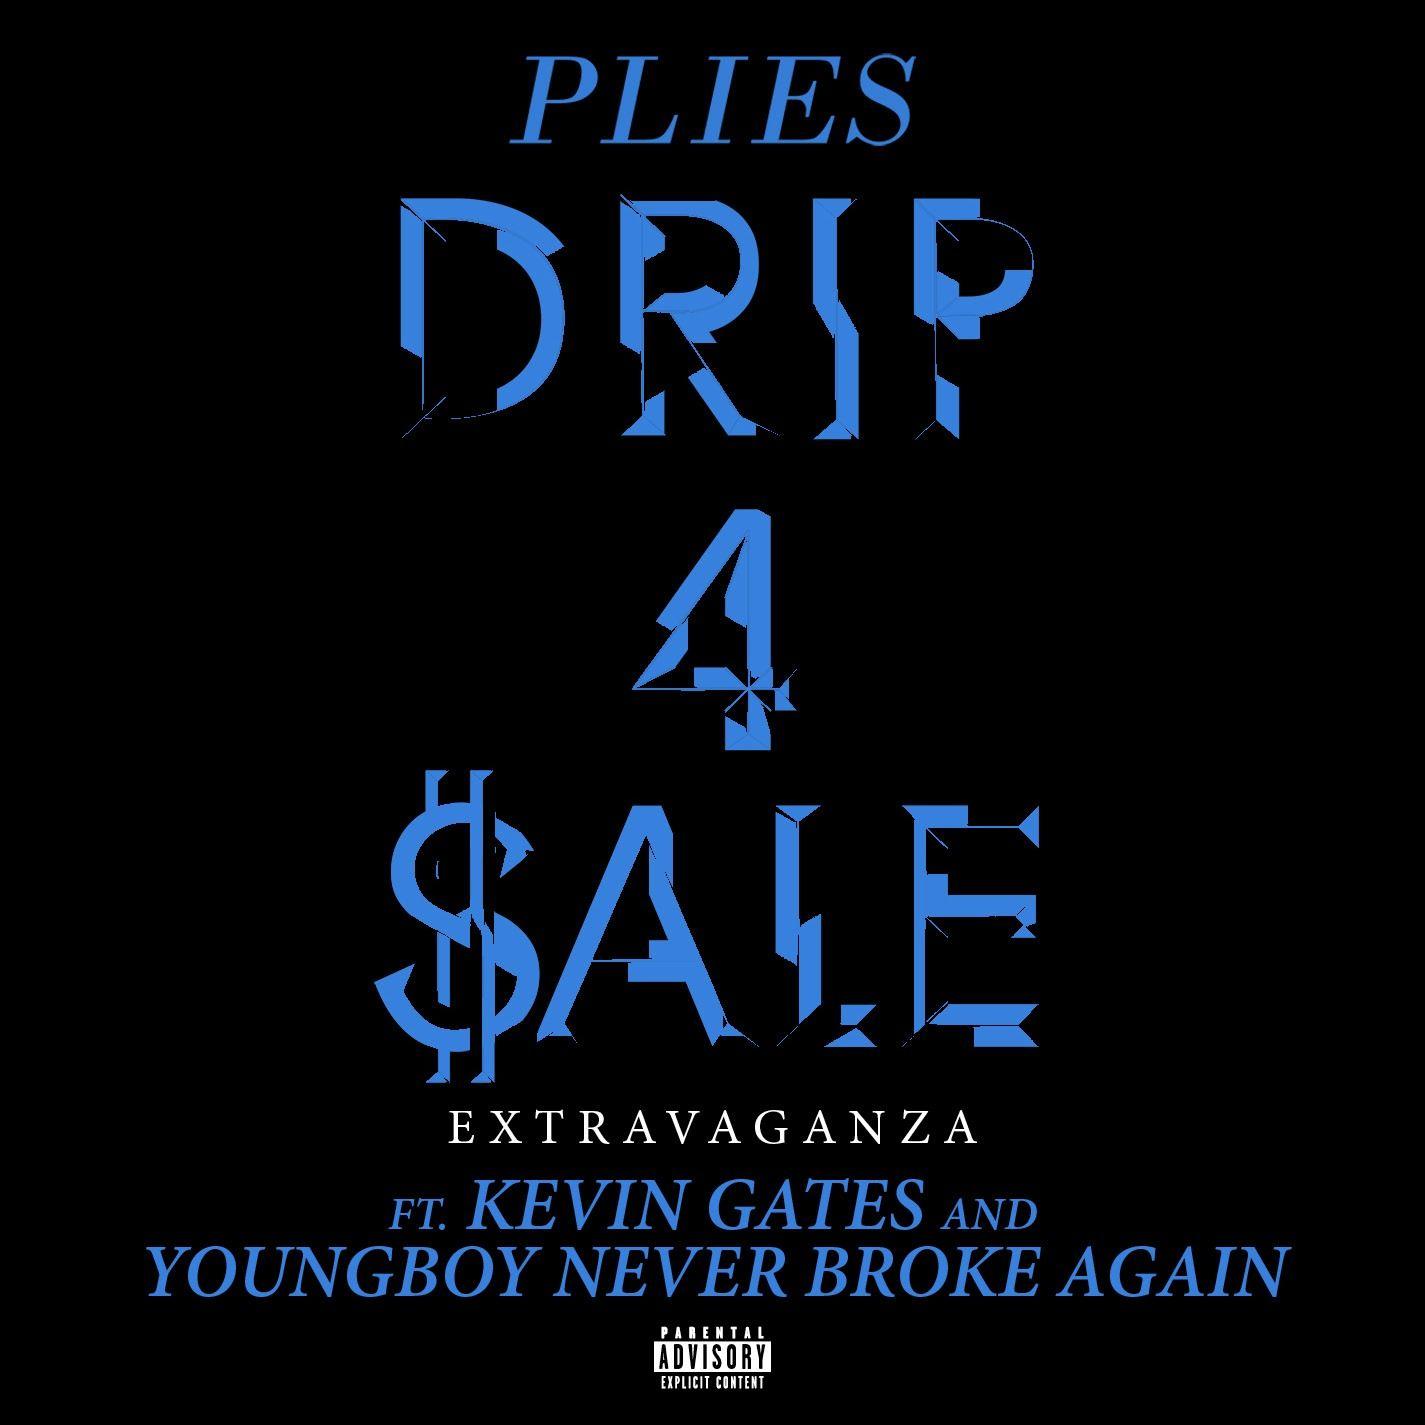 Drip 4 Sale Extravaganza